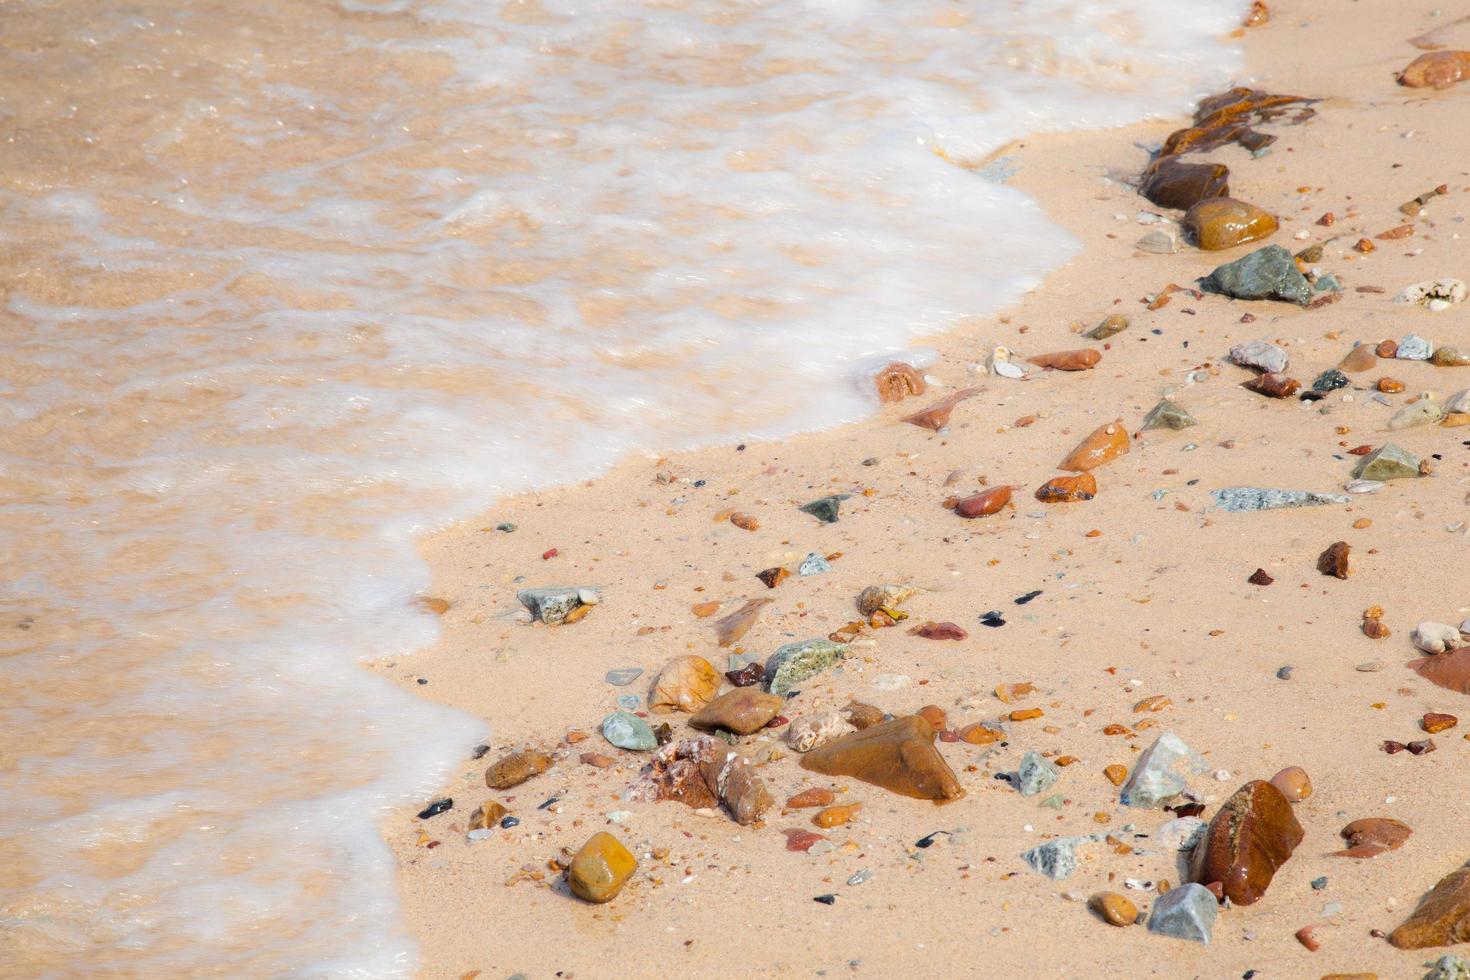 olas rompiendo en la playa foto